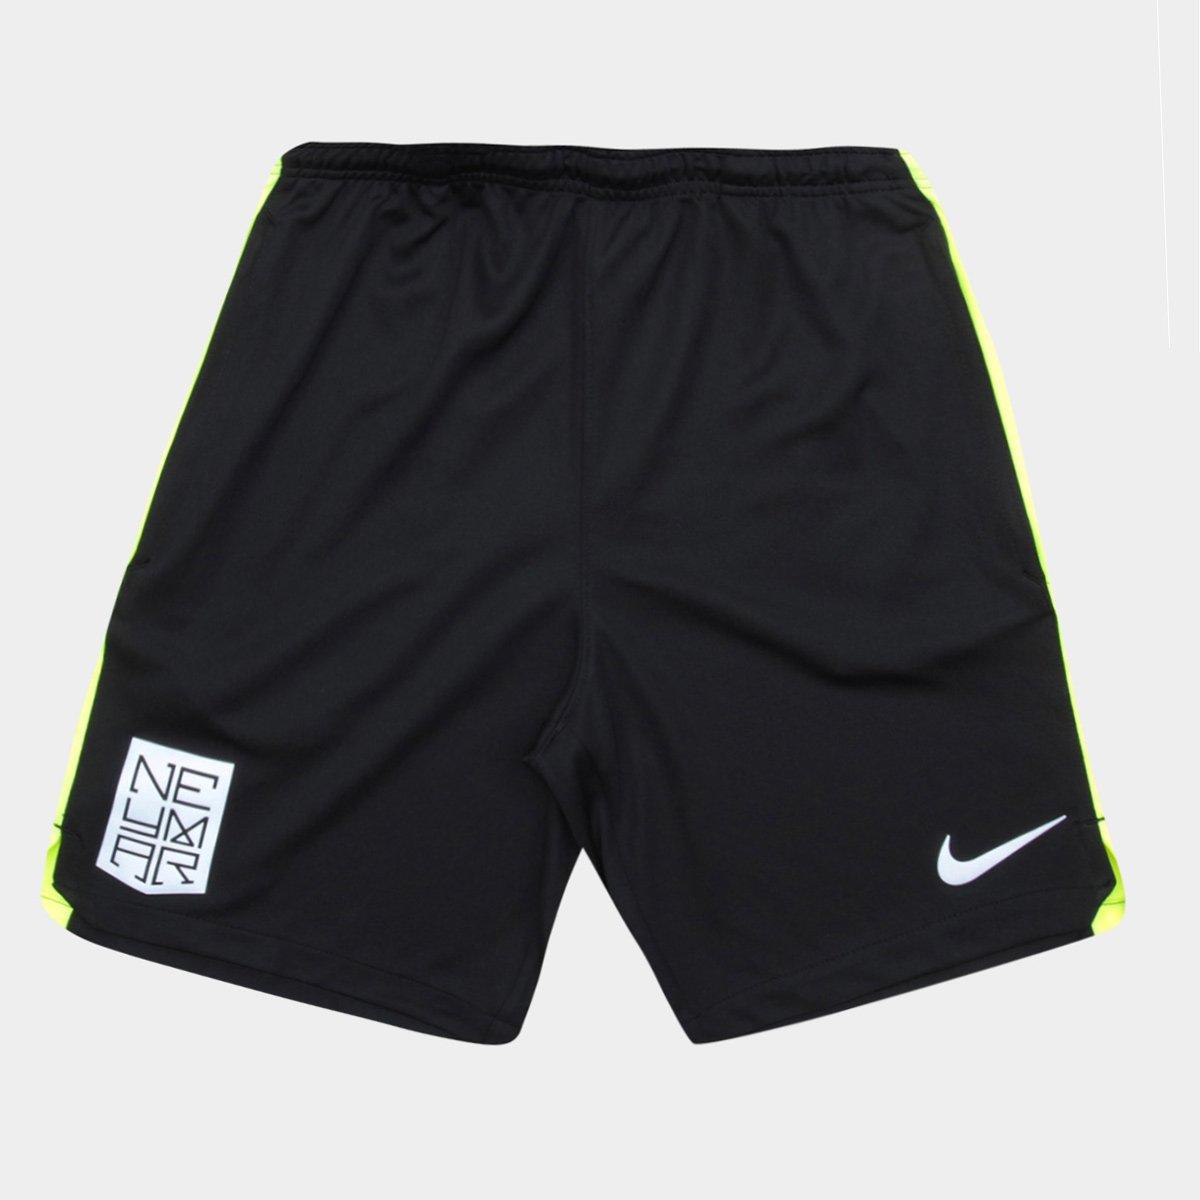 Calção Nike Neymar Dry Squad KZ Masculino - Compre Agora  7bf0d087483cf